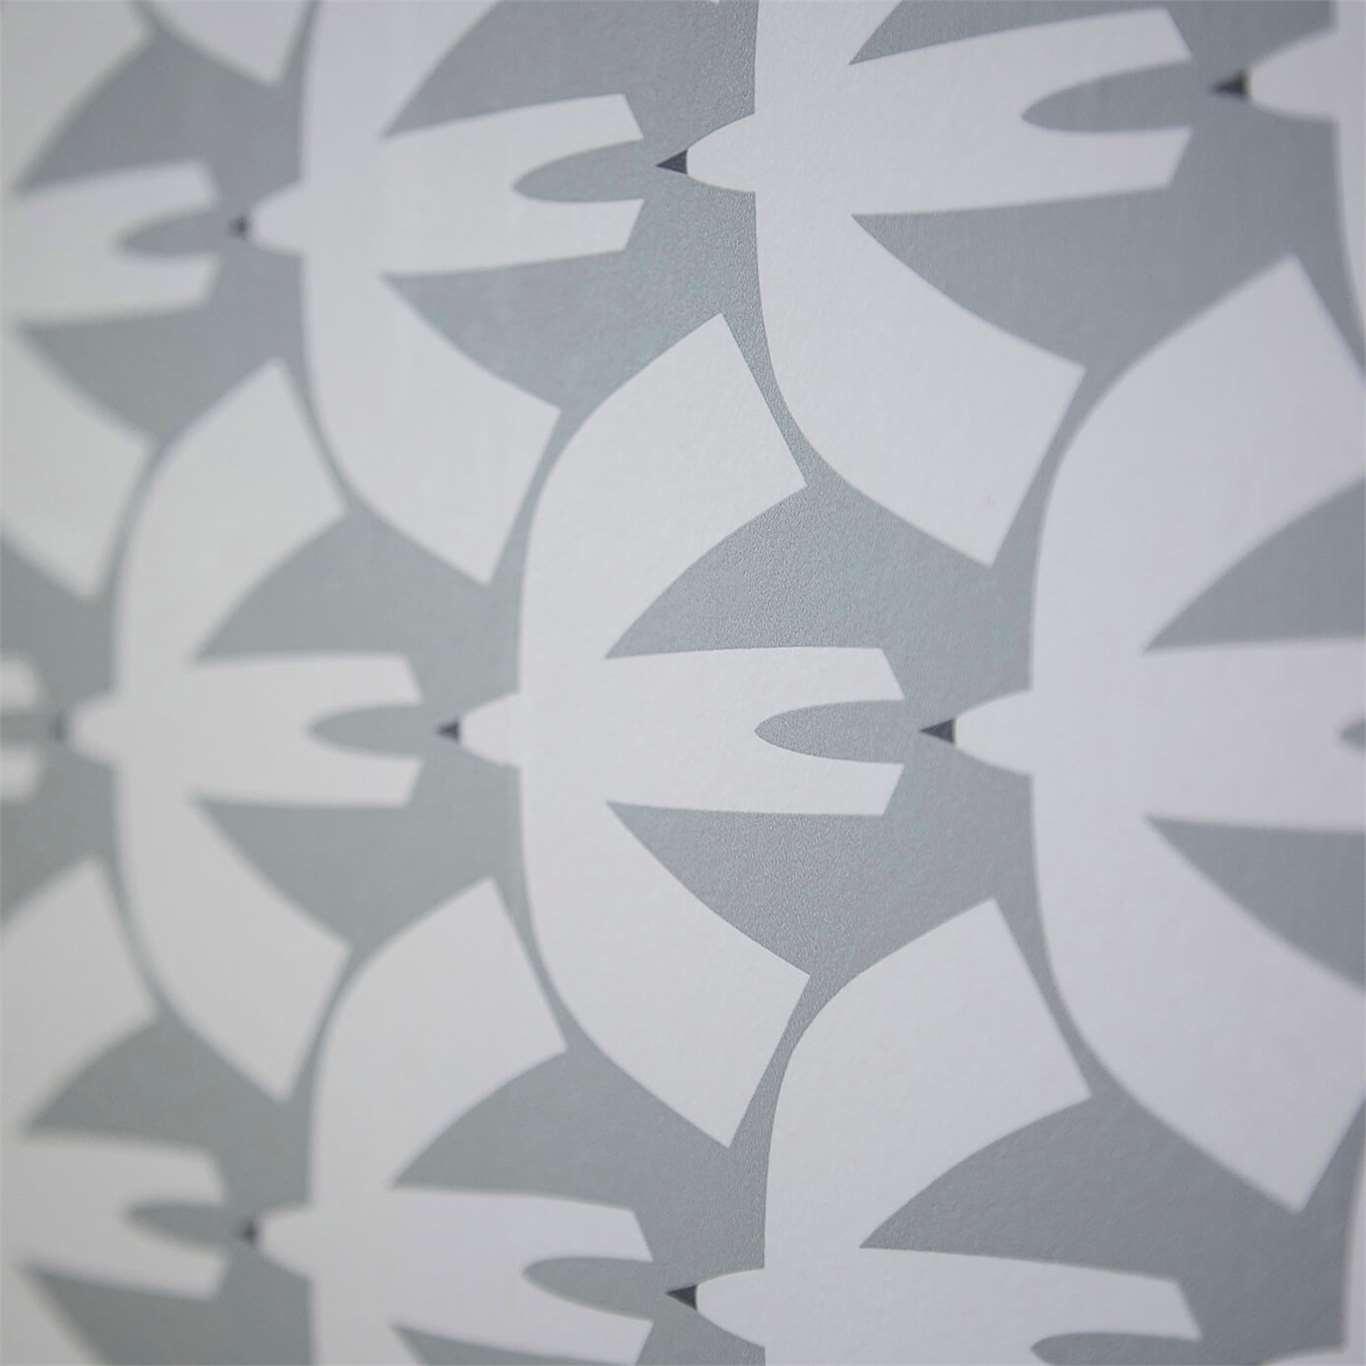 Scion Pajaro Steel Wallpaper 111825